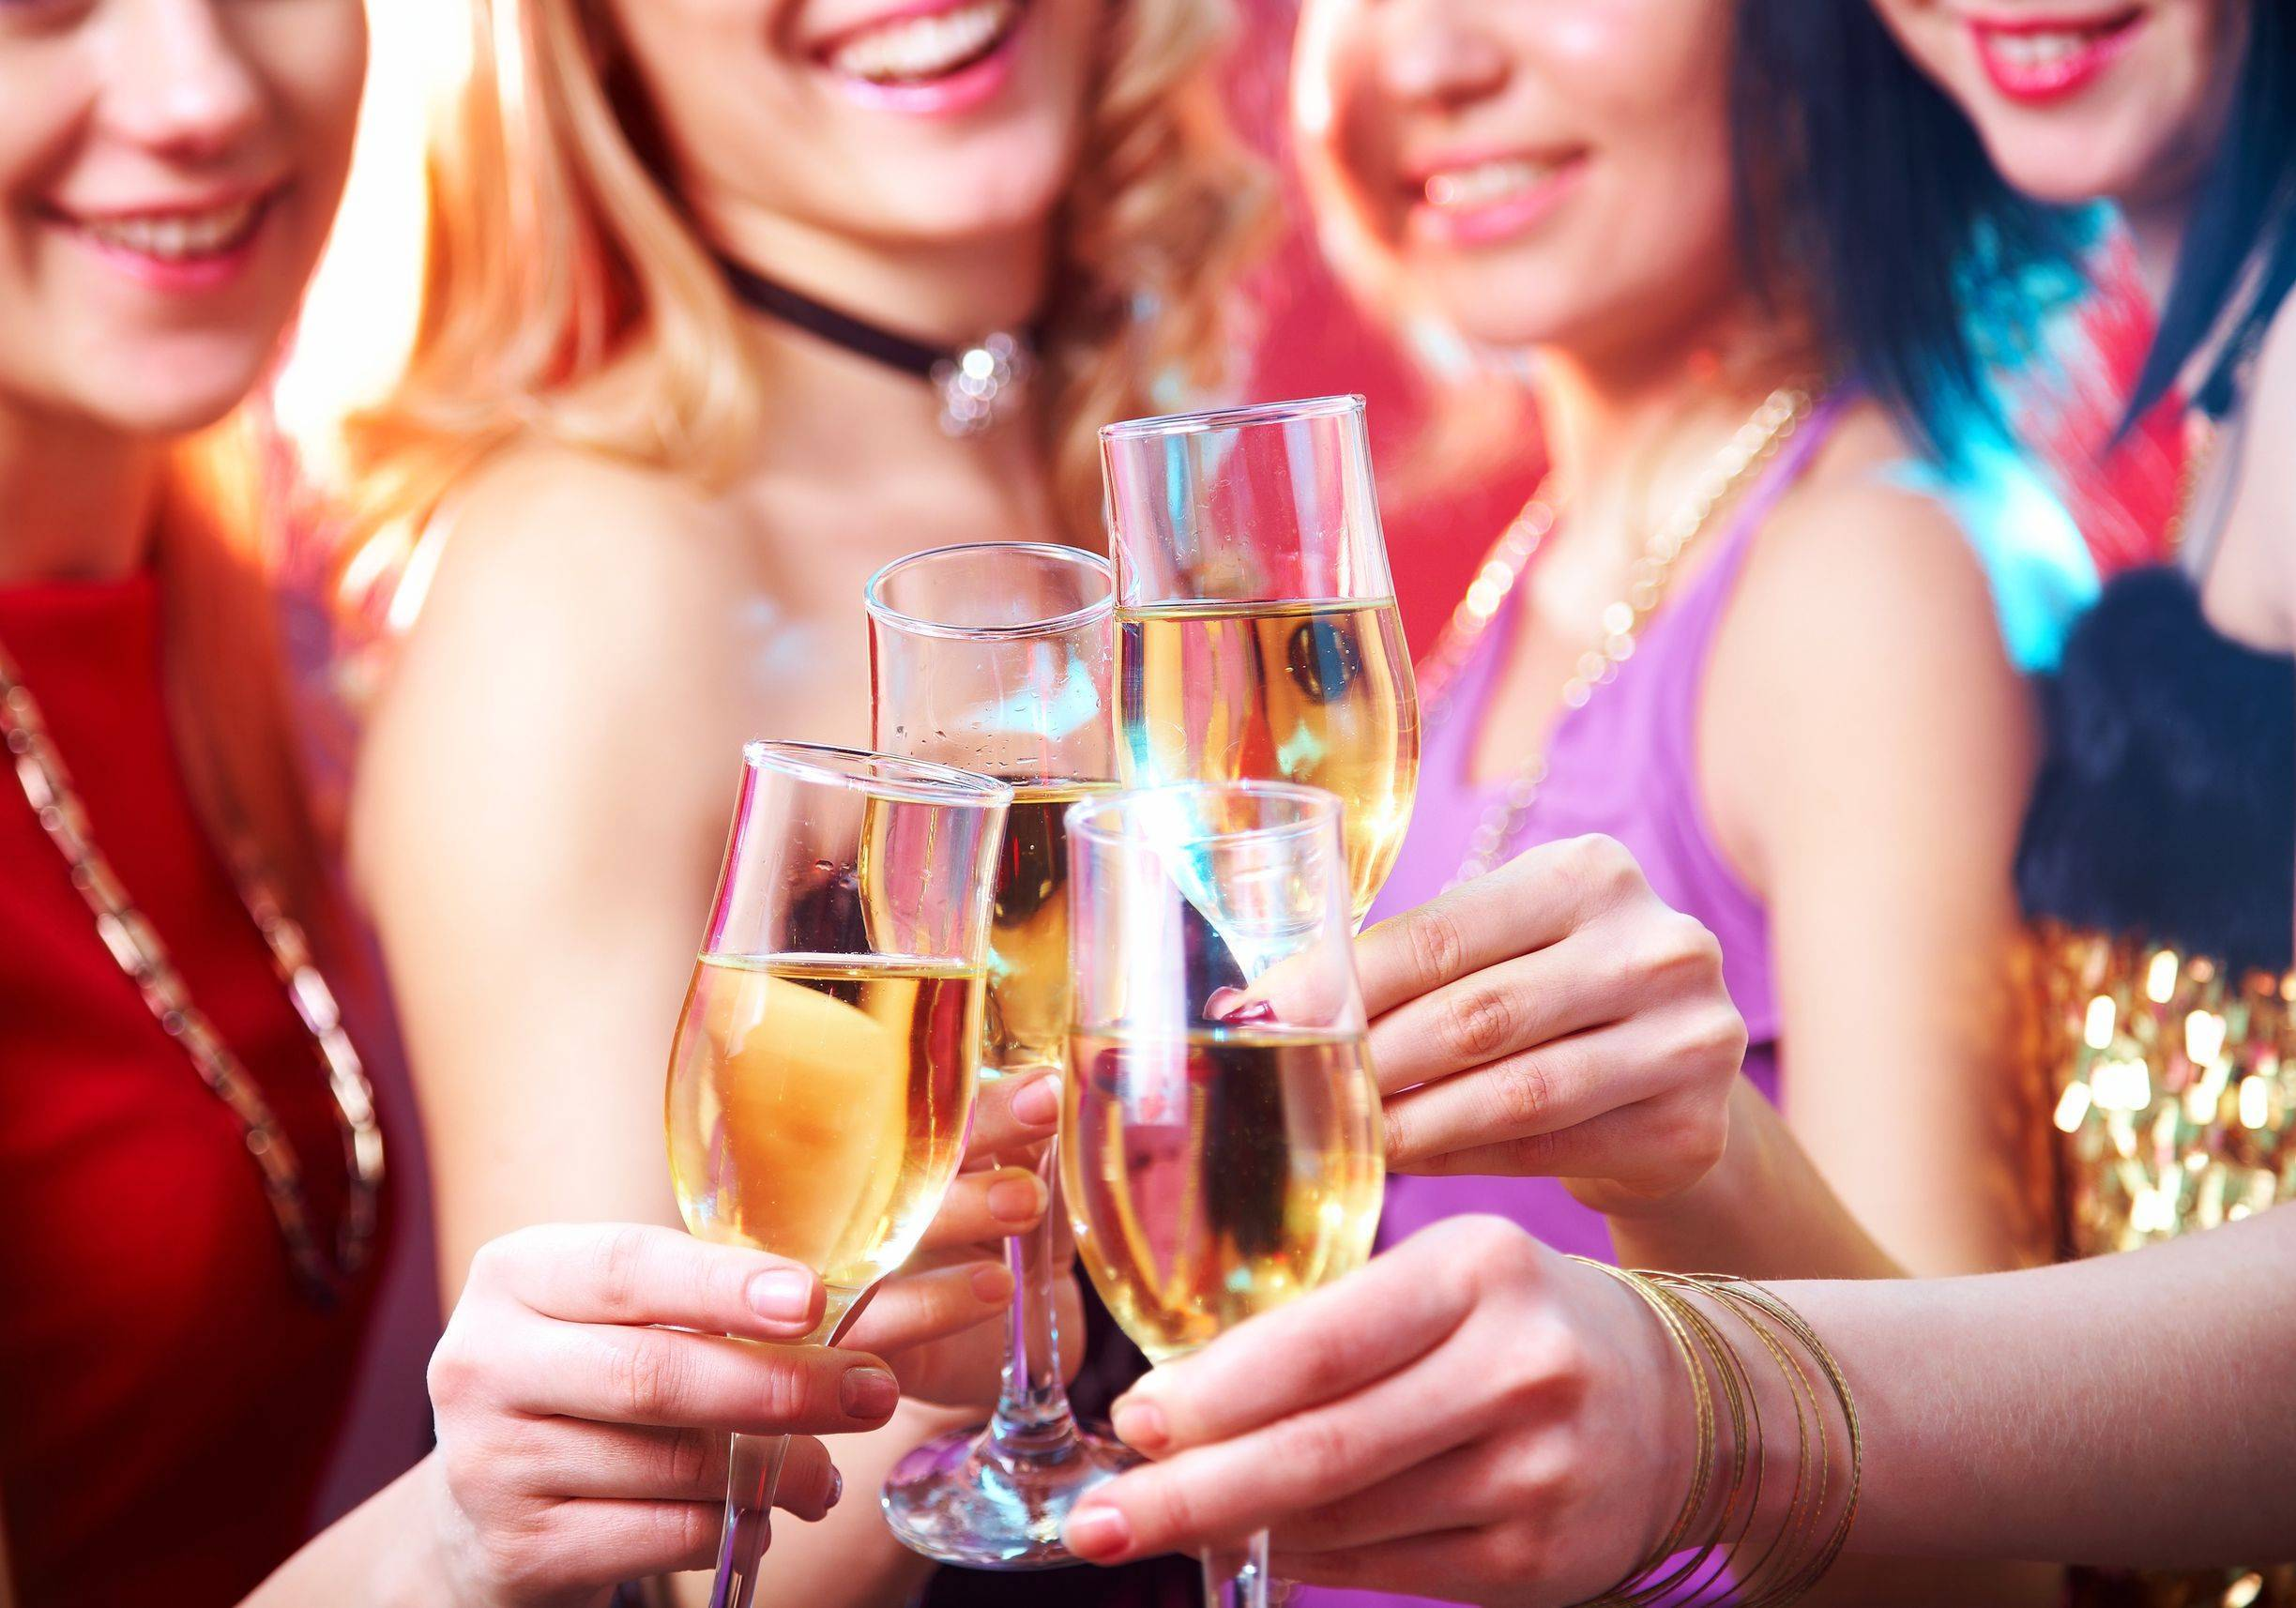 Тост на день рождения в прозе для женщины - megapozitiv.com